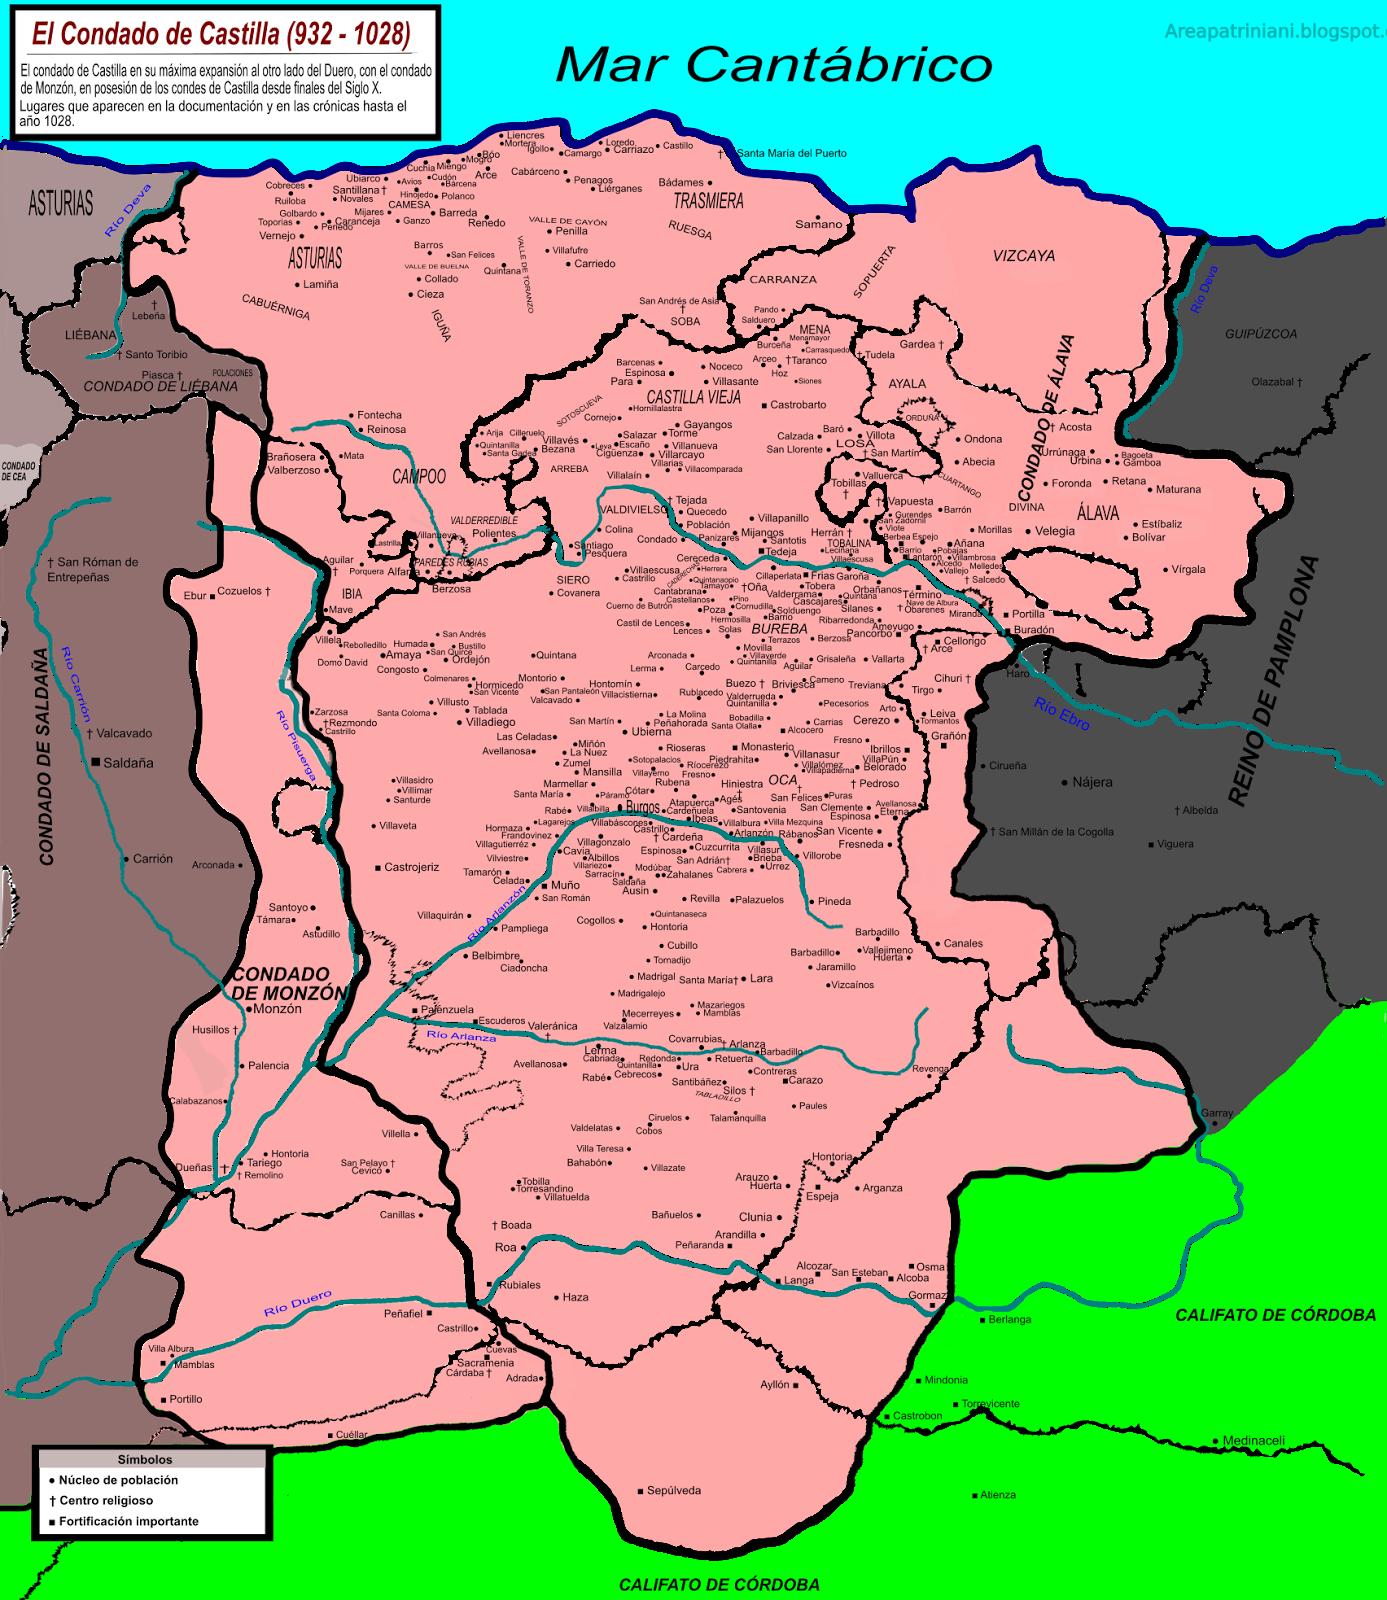 Mapa del condado de Castilla